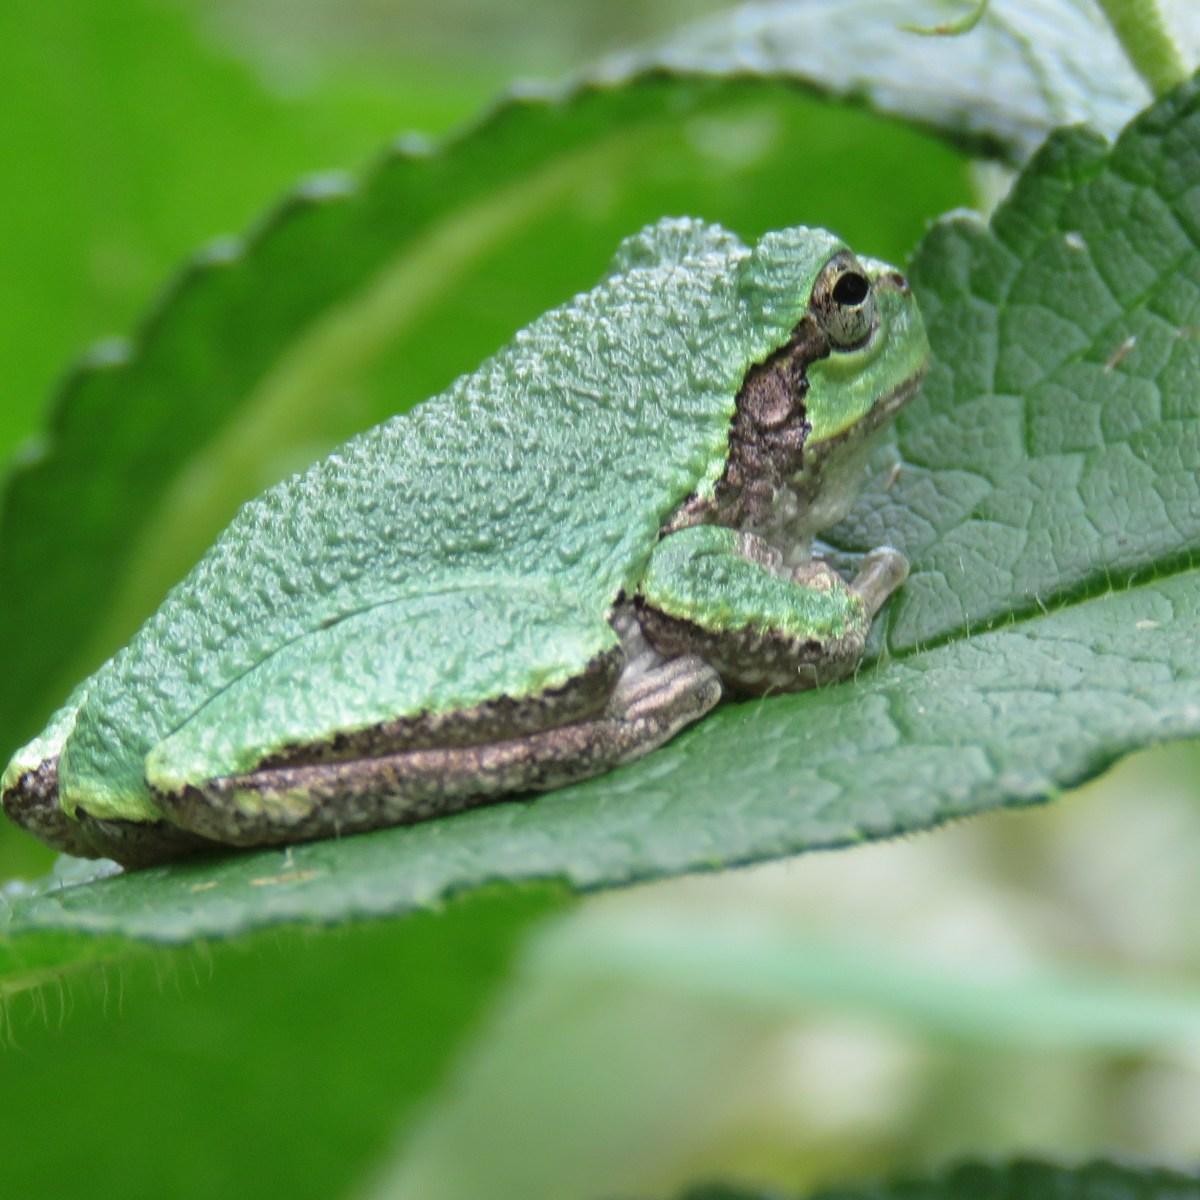 A gray tree frog sitting on a boneset leaf